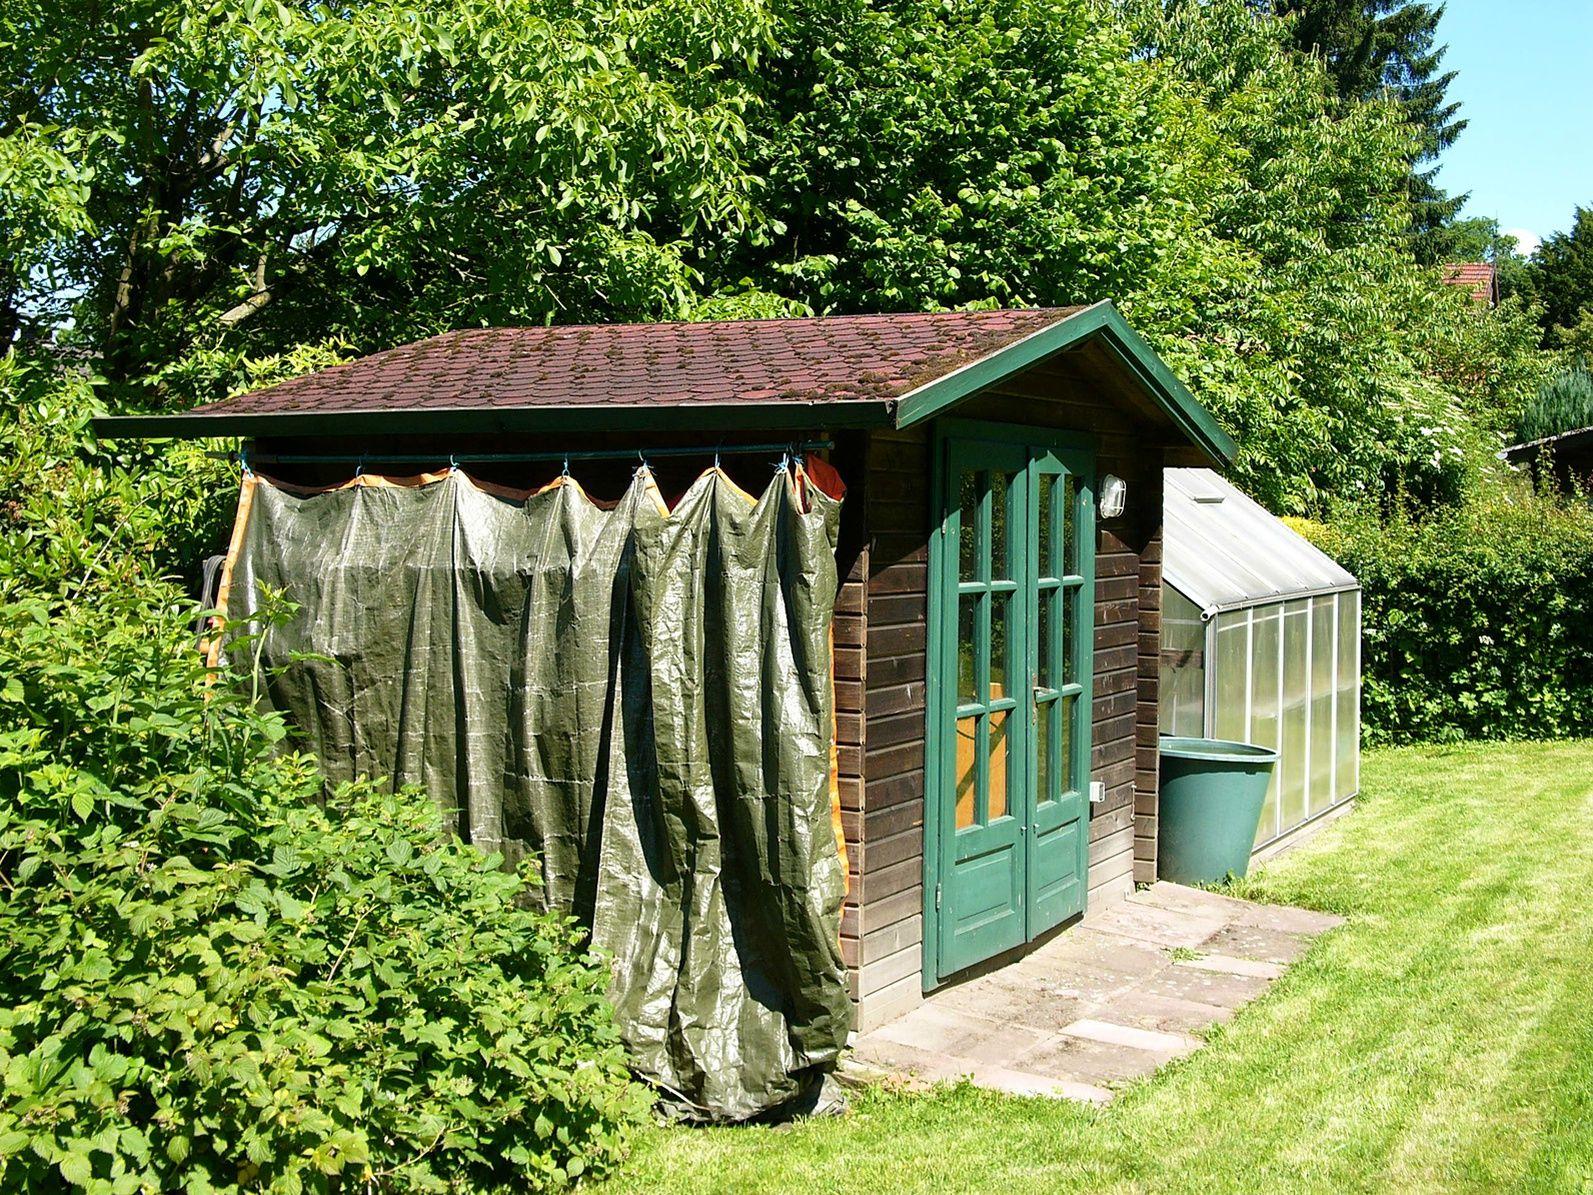 La taxe cabane de jardin provoque des remous - Cabane de jardin grenoble ...